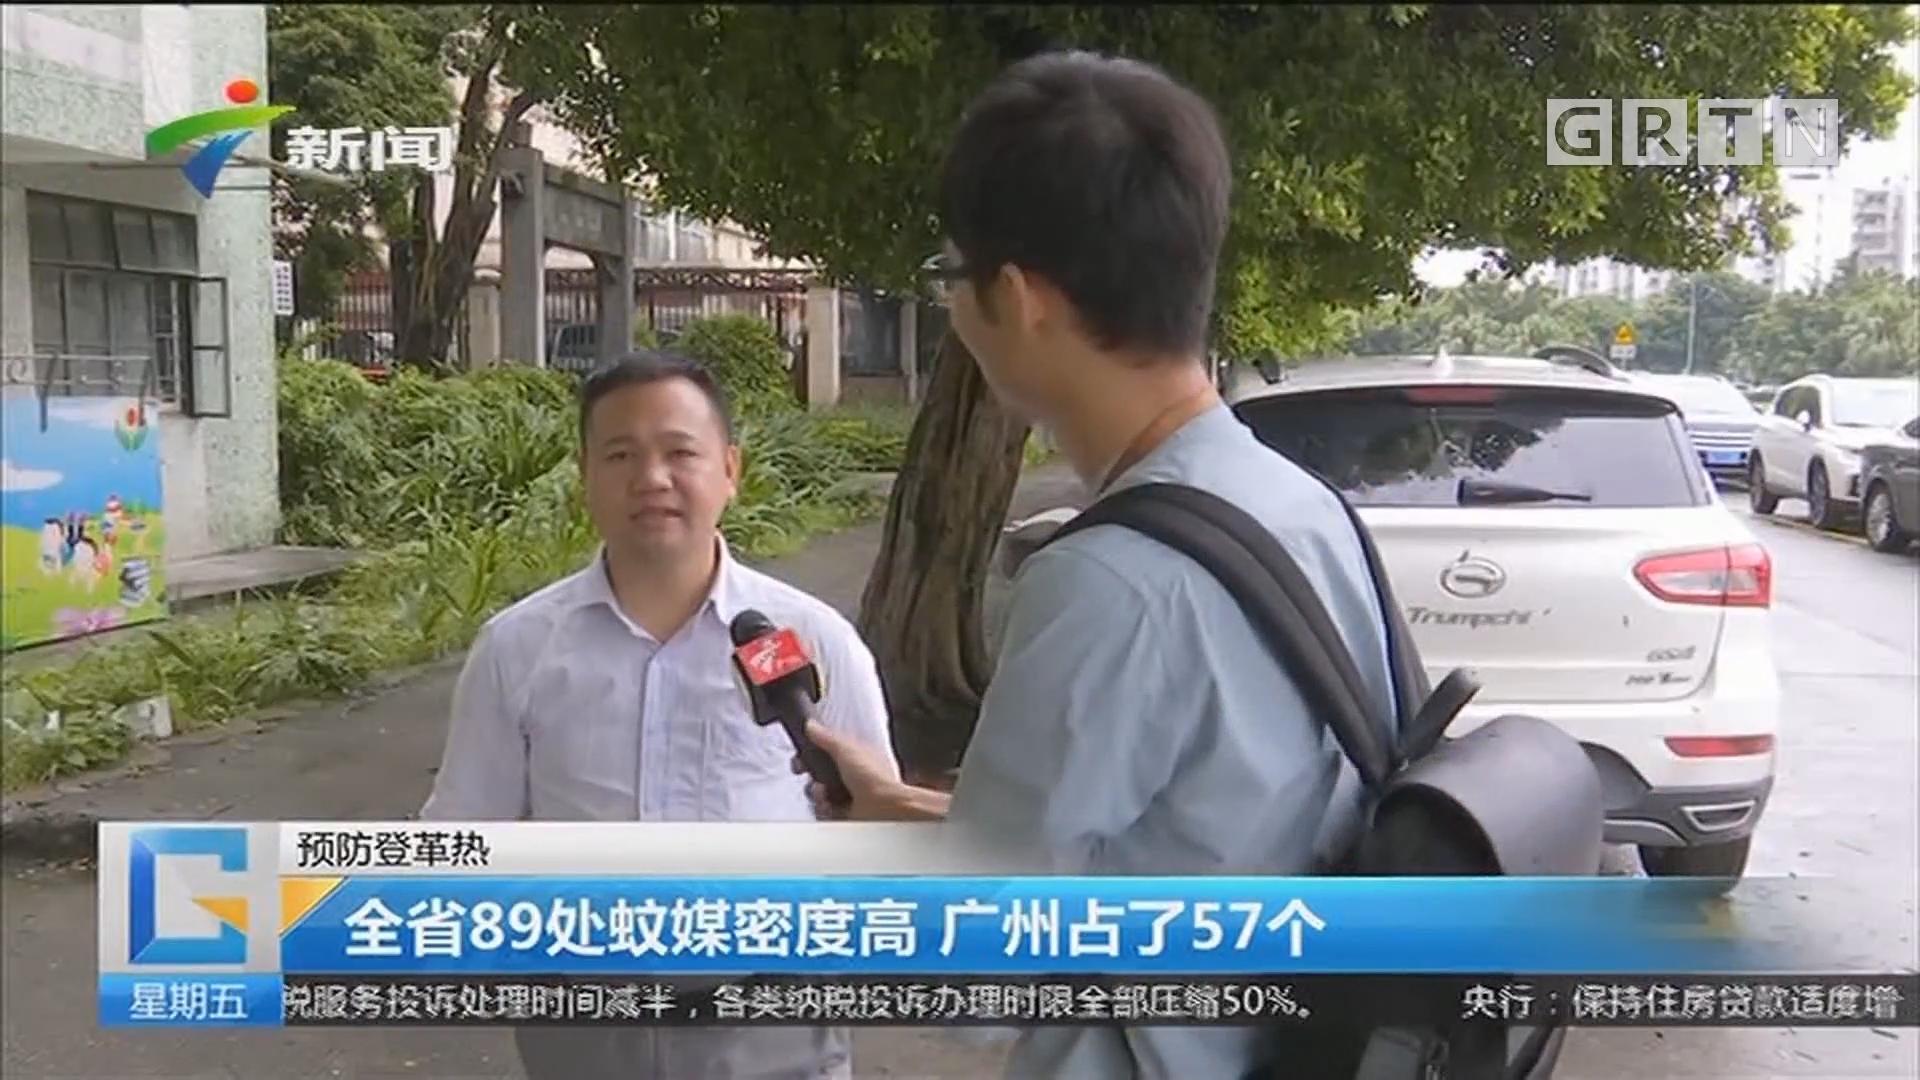 预防登革热:全省89处蚊媒密度高 广州占了57个